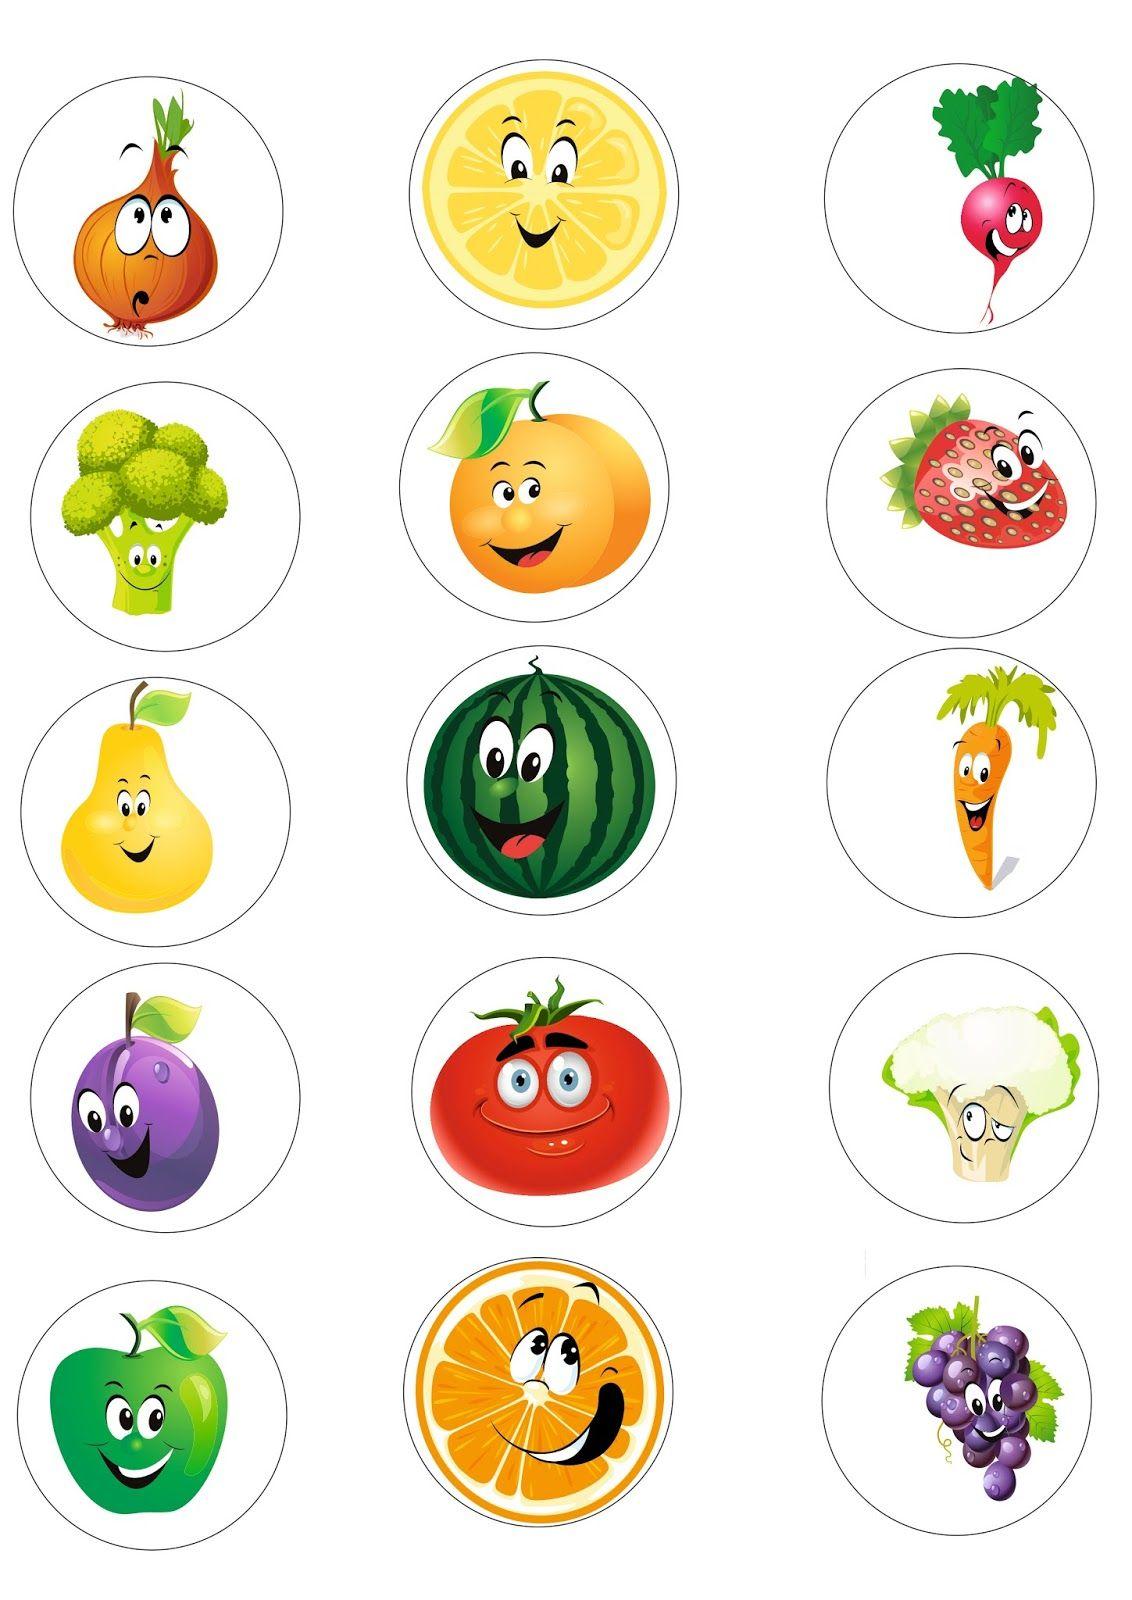 Ania Mama Agnieszki Naklejki Dla Przedszkolaka Okragle Stickers Scrapbook Mario Characters